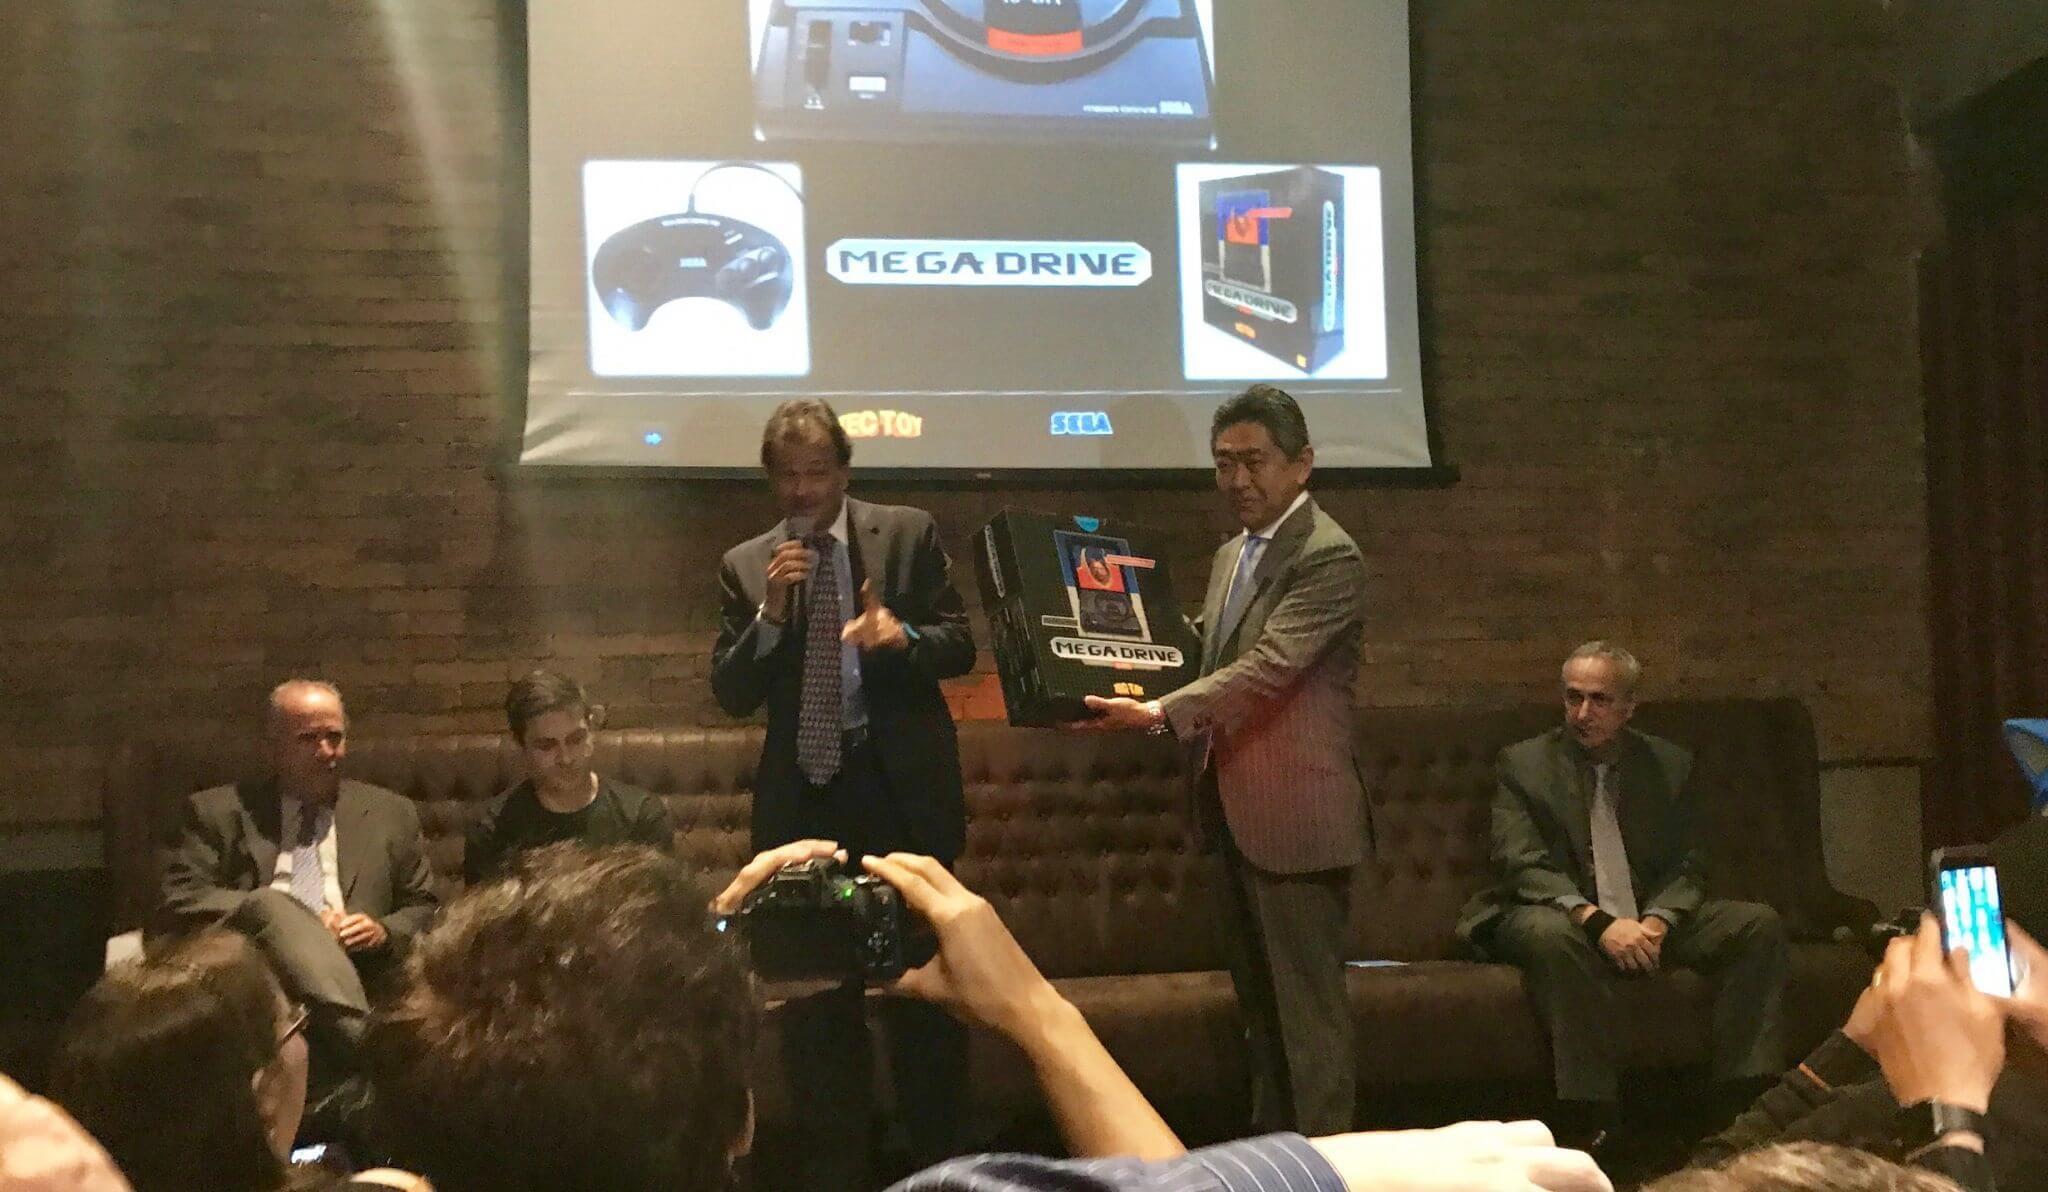 IMG 2051 - TecToy e SEGA anunciam relançamento do Mega Drive em evento